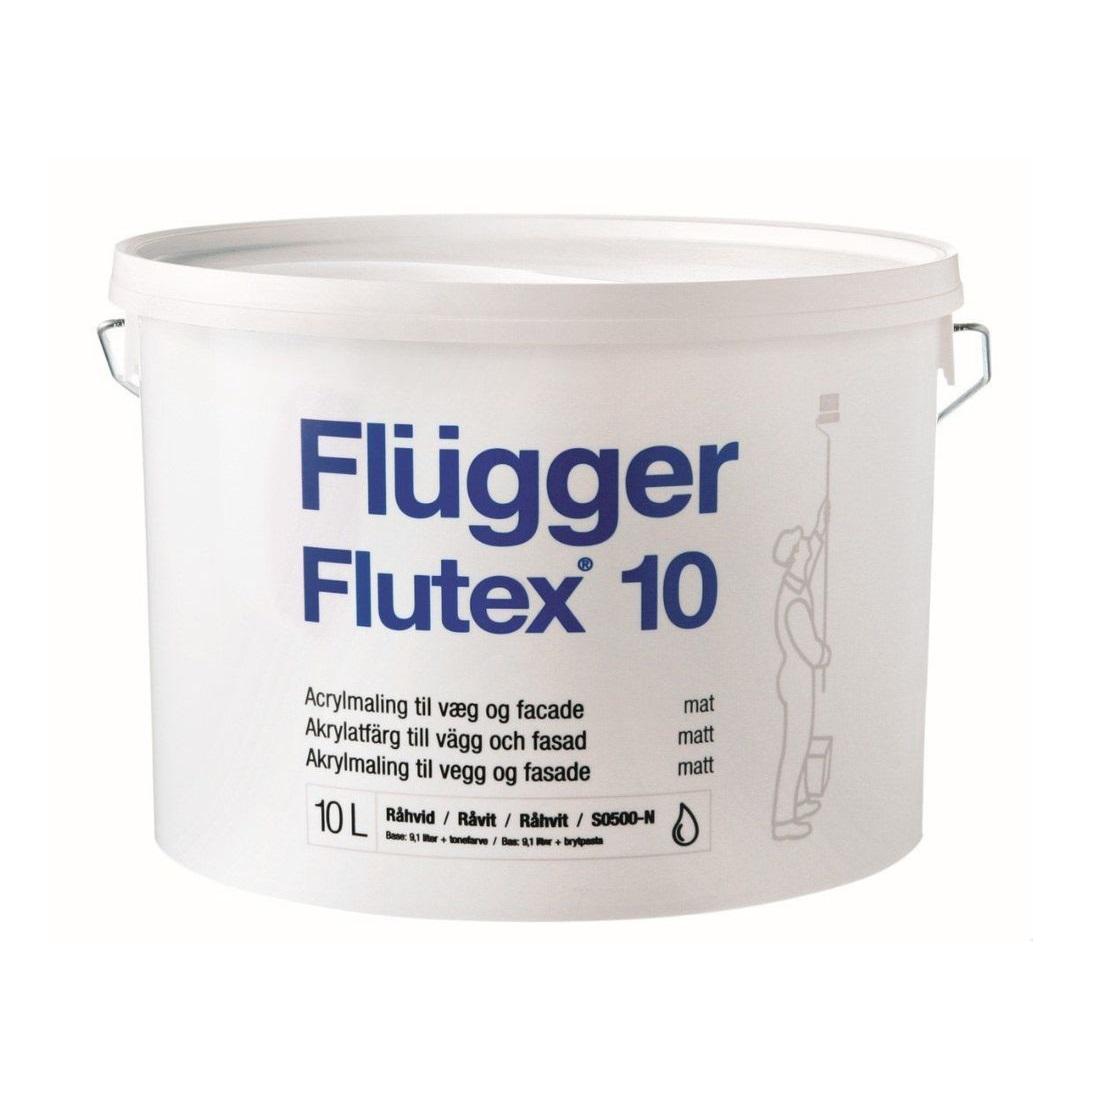 Flügger Flutex 10